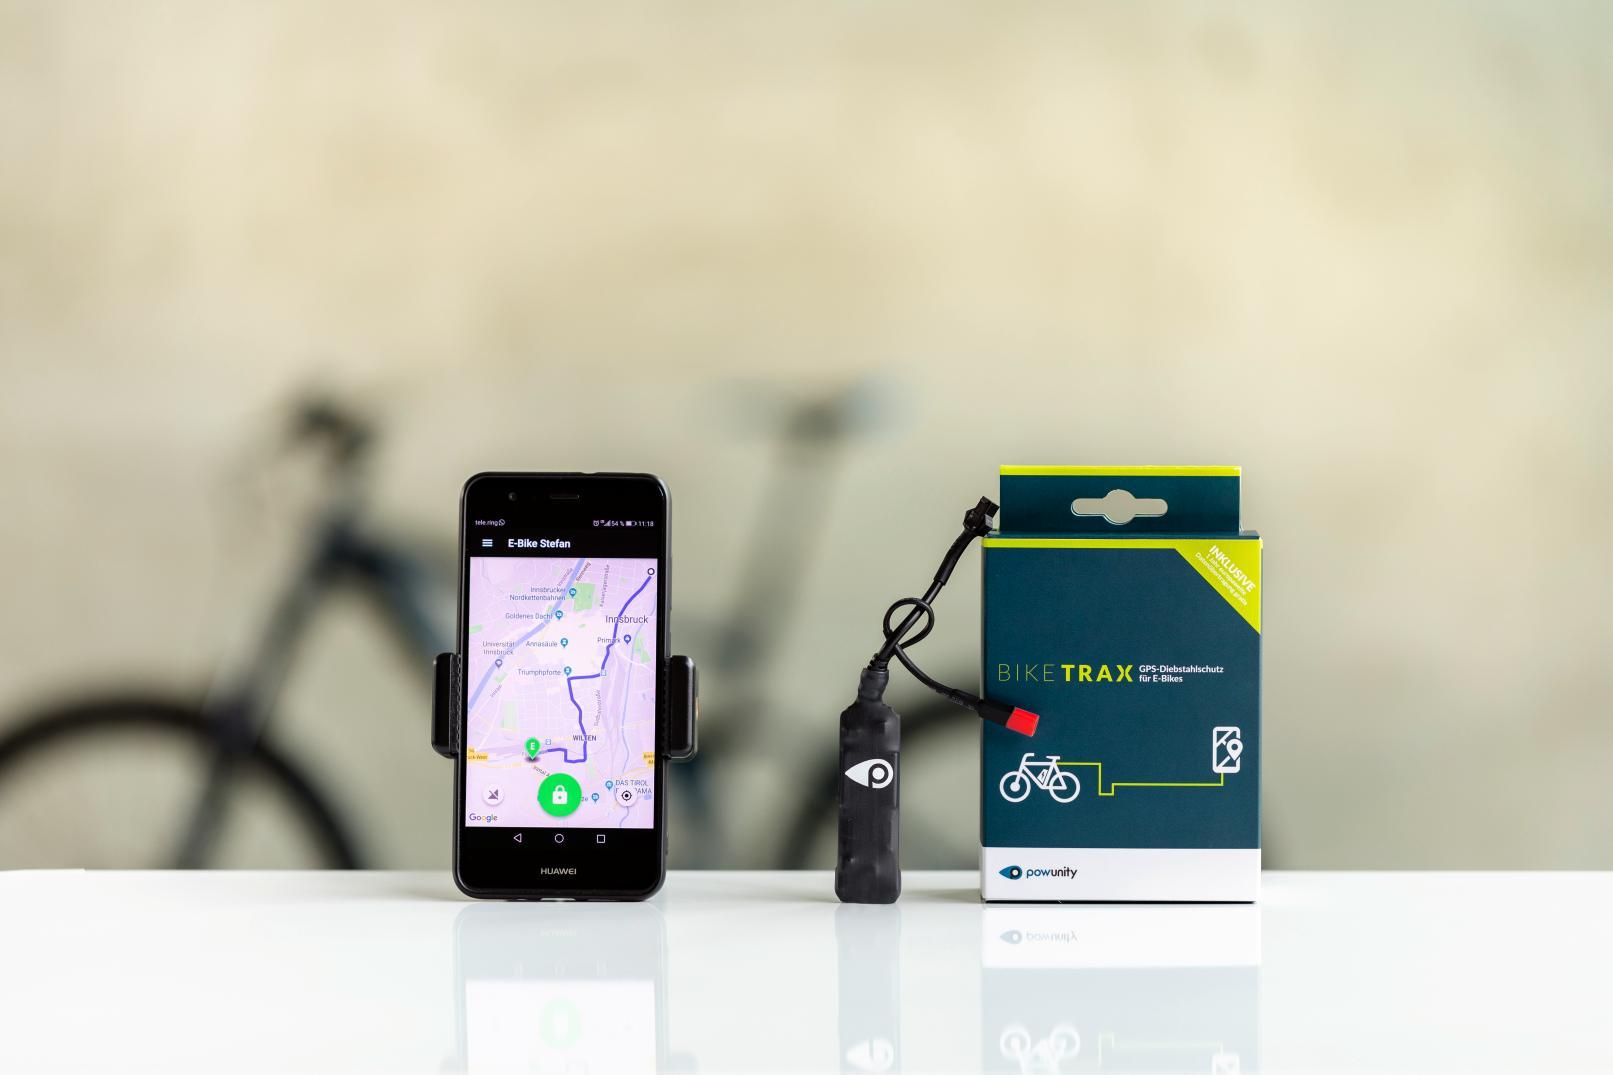 """Der GPS-Tracker """"BikeTrax"""" von PowUnity: So groß wie ein Feuerzeug"""